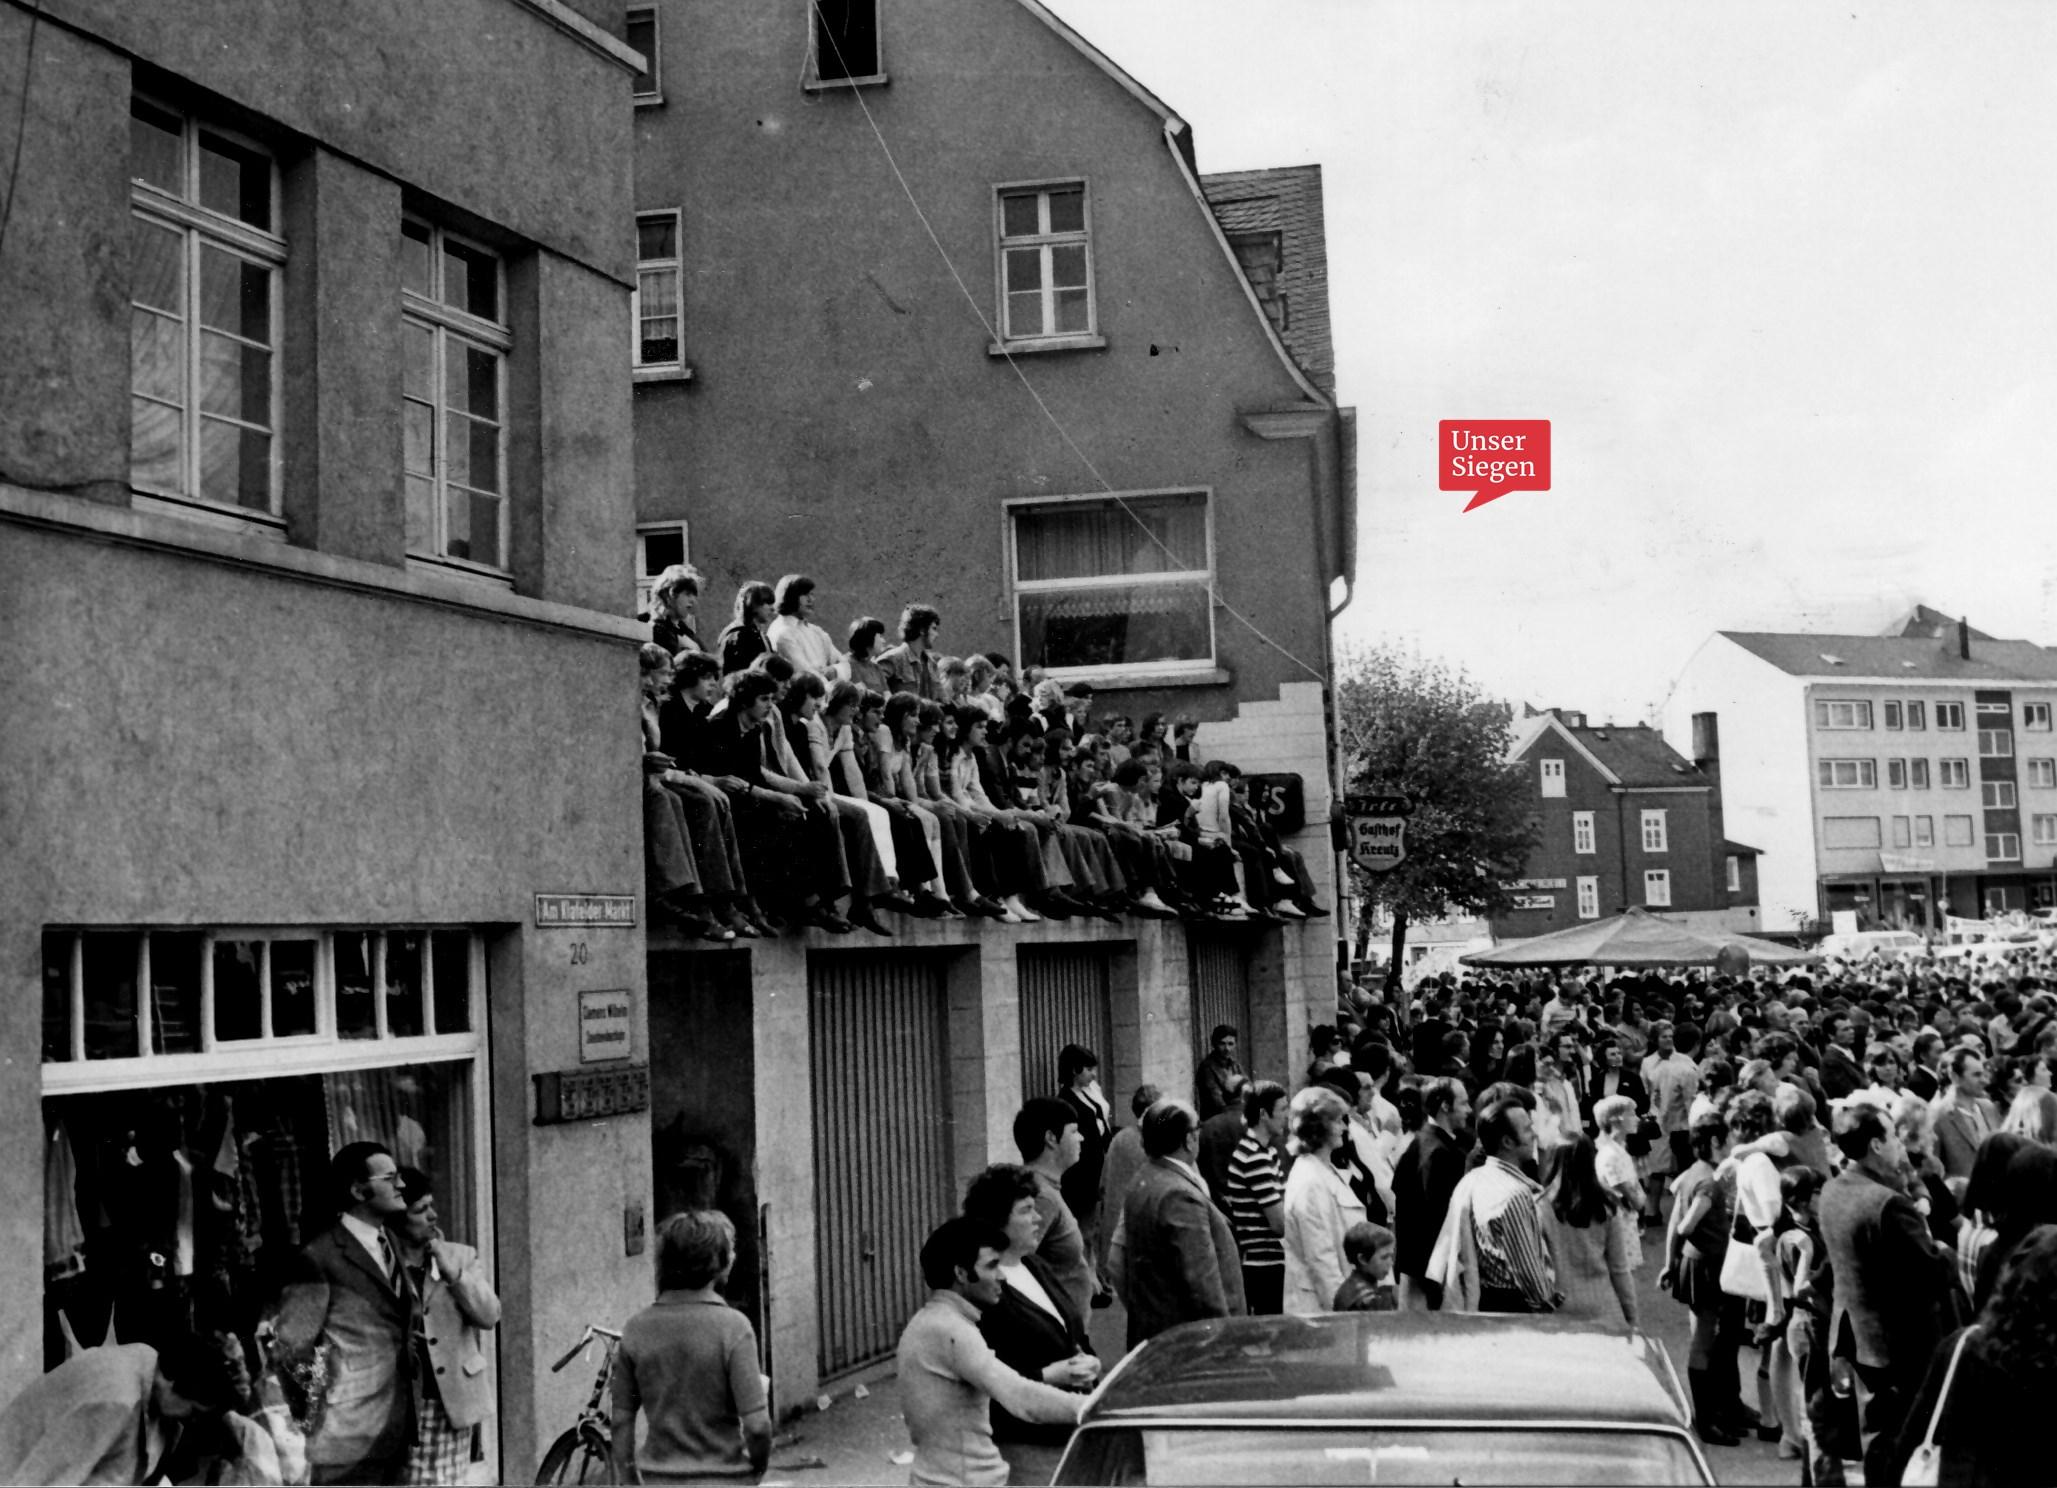 Schwarz-Weiß-Bild aus dem Jahr 1972. Viele Menschen stehen auf dem Geisweider Marktplatz. Es ist sehr voll. Einige Zuschauer sitzen auf einem Garagendach.